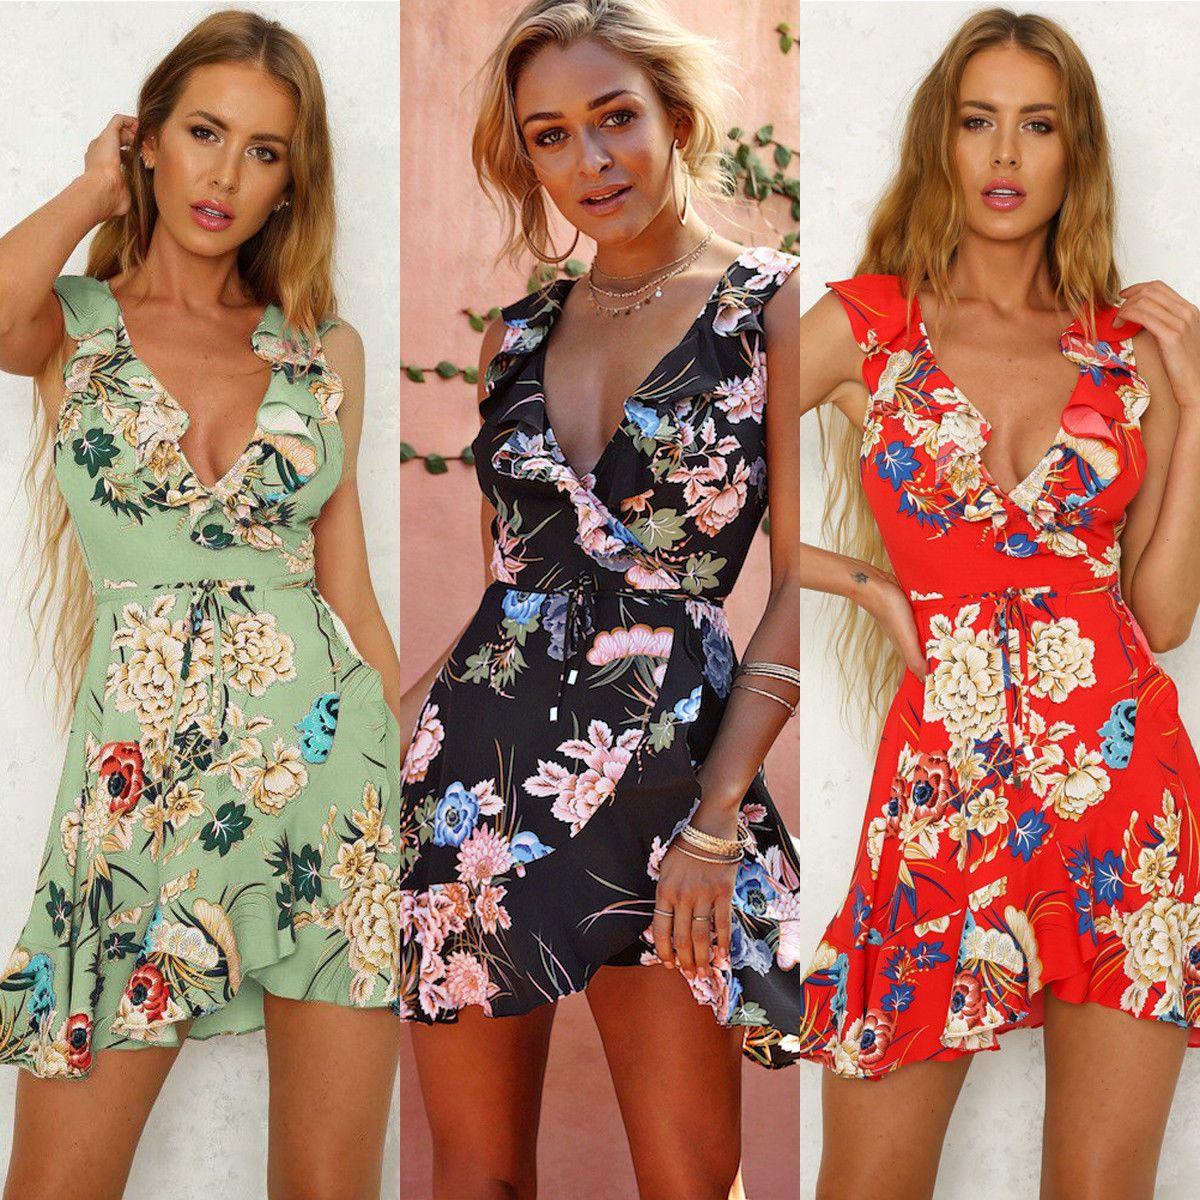 Womens Boho Summer Short Dress Off Shoulder Floral Beach Mini Dress Sundress Green Dresses Ideas With Images Short Mini Dress Boho Floral Maxi Dress Green Dress Casual [ 1200 x 1200 Pixel ]